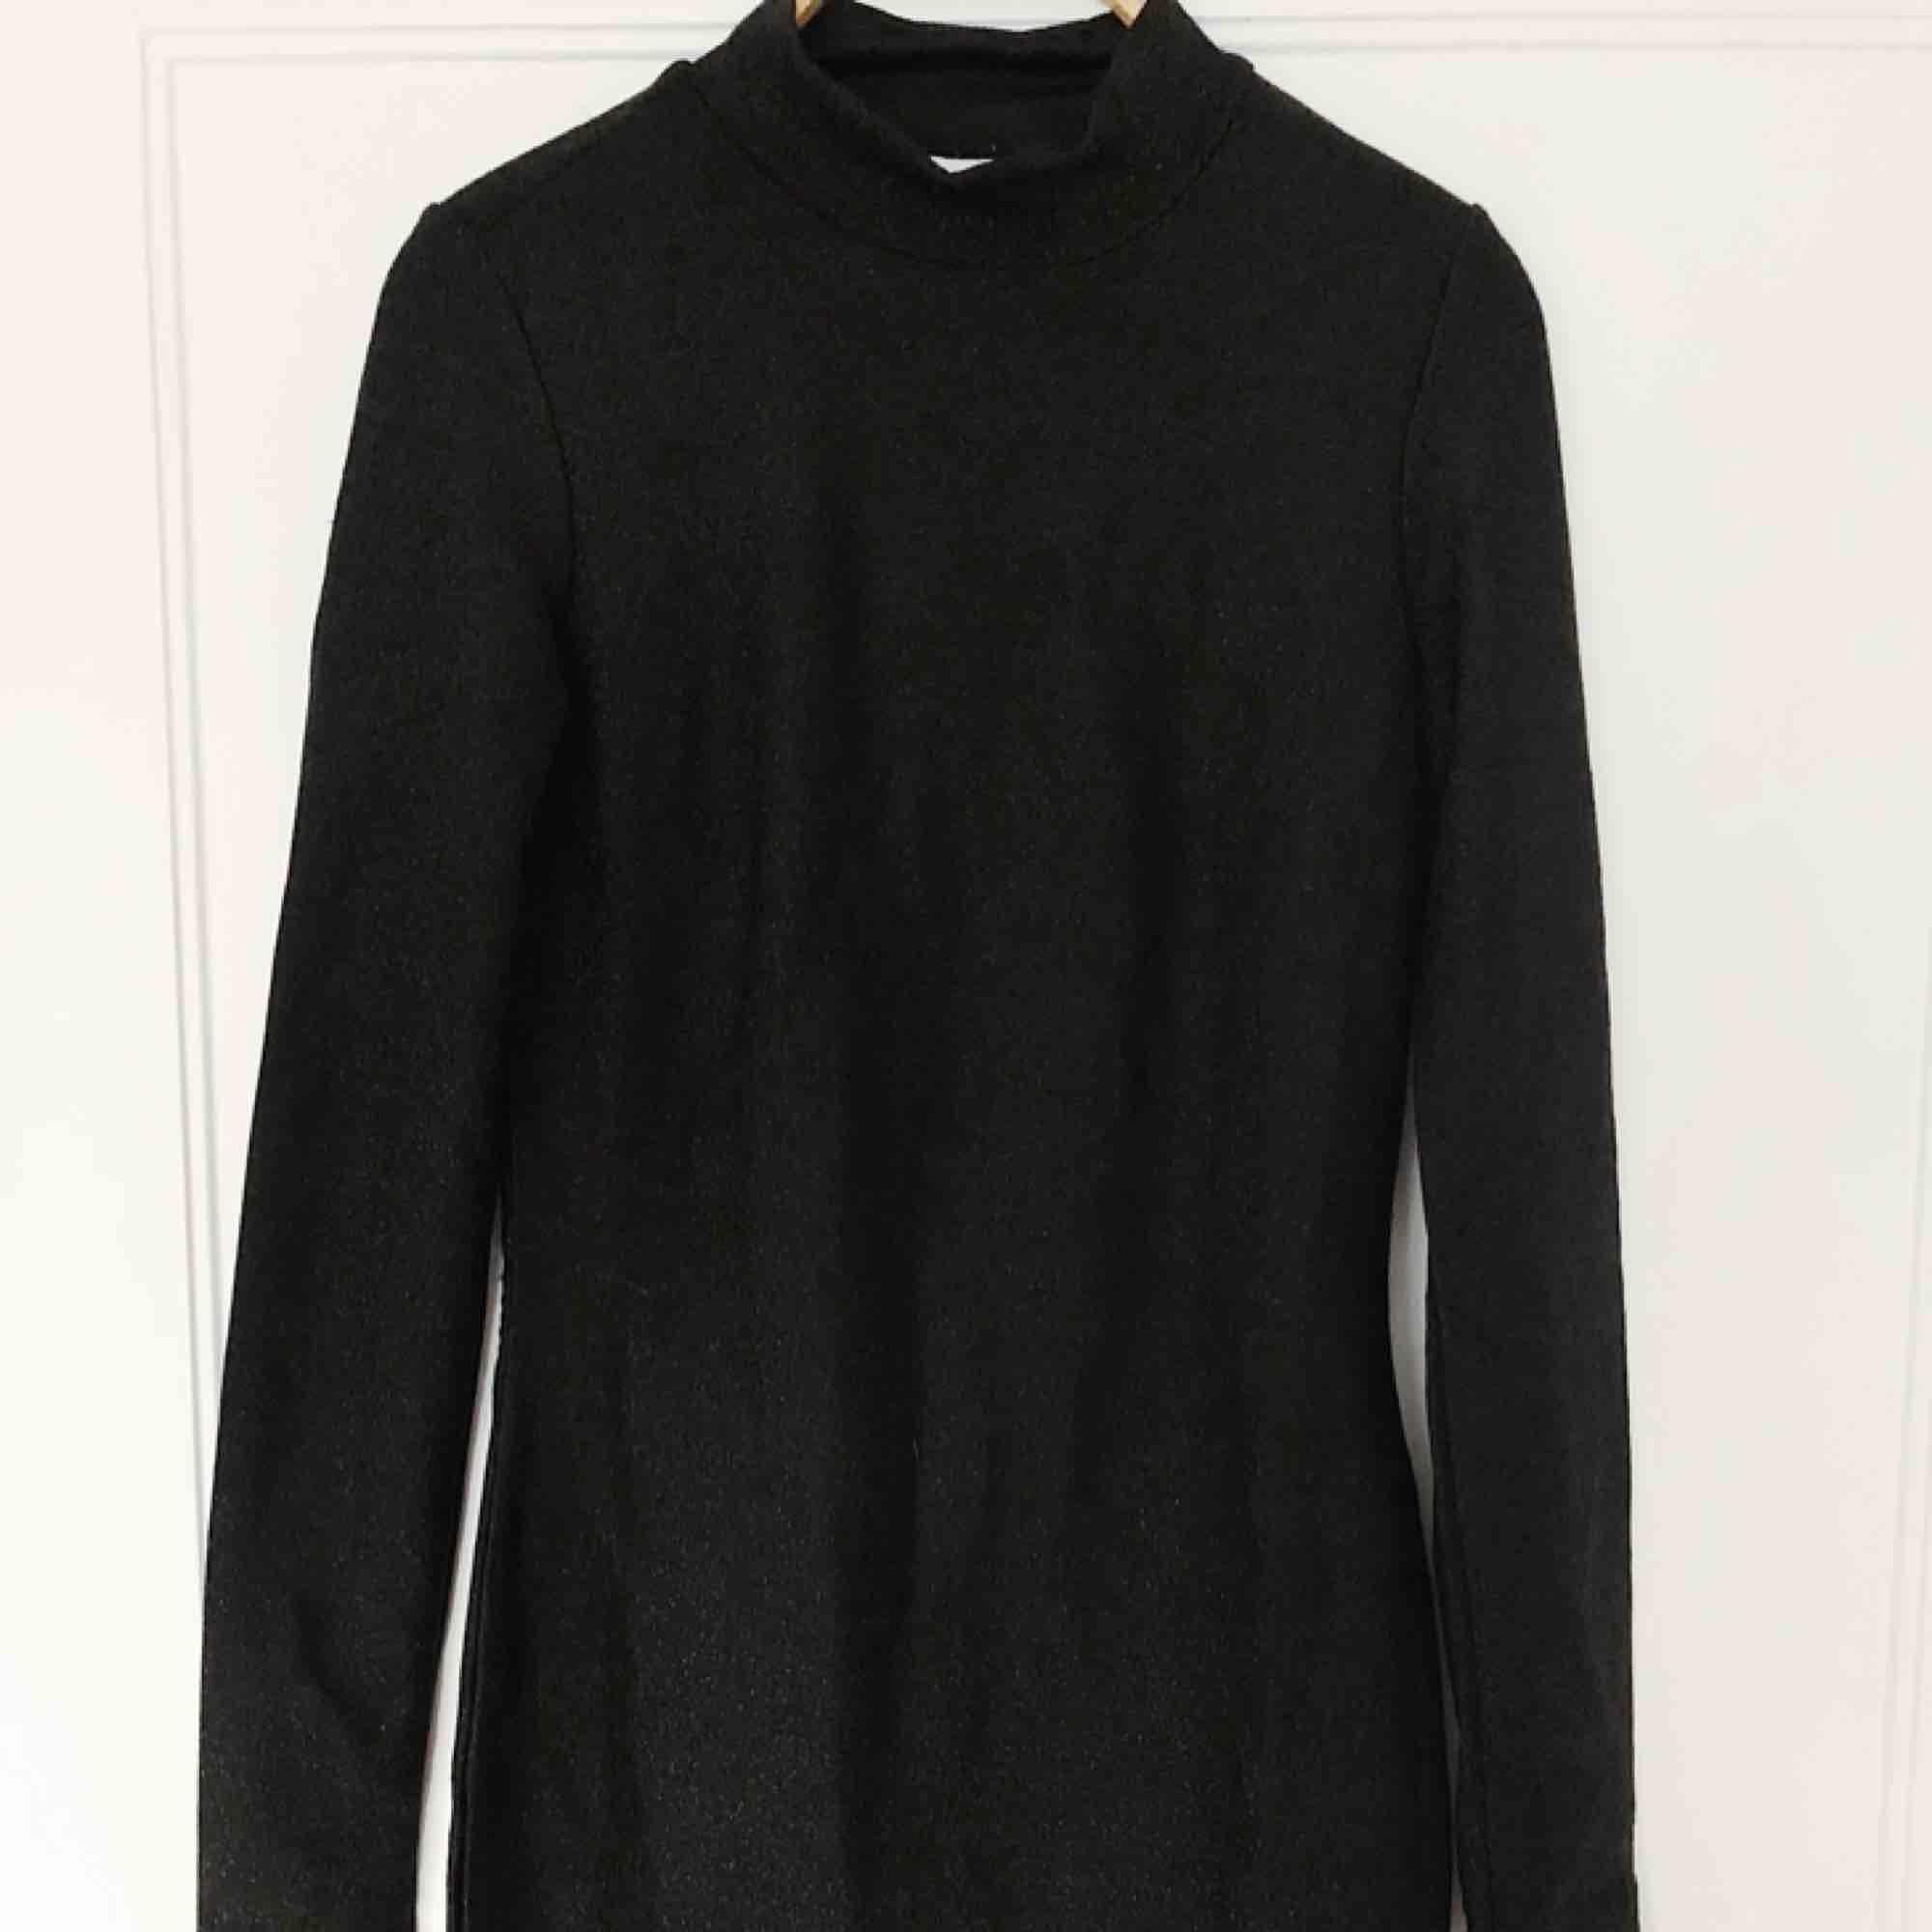 INKLUSIVE FRAKT! Klänning från Gina tricot med turtle neck och som är svart med glitter i sig. Använd under en nyår. Figursydd. . Klänningar.